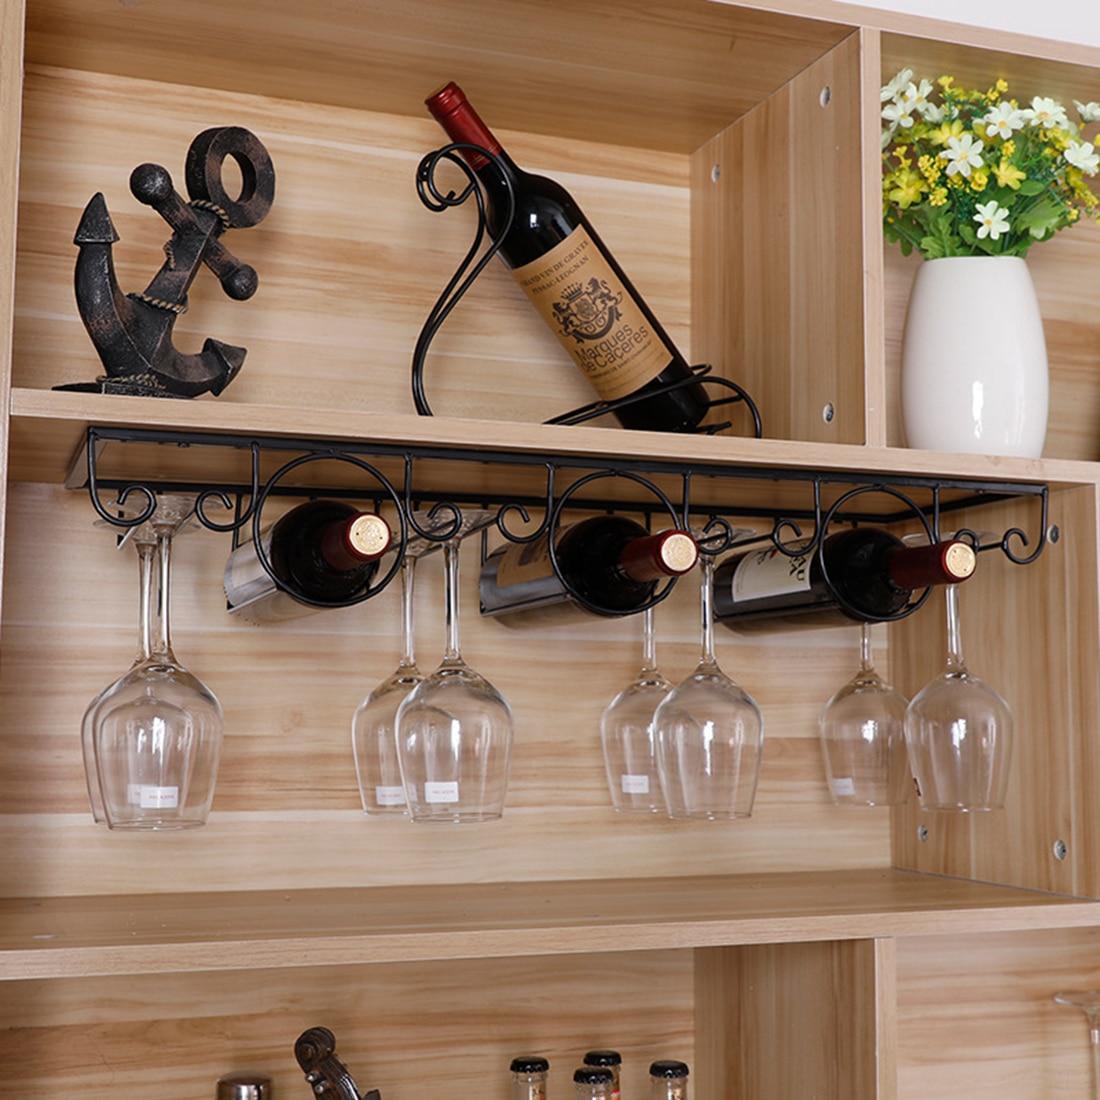 4 rangées accrochant le support de stockage de vin d'organisateur de verre de vin sous le cintre de support de verres à pied d'armoire tient 3 supports de stockage de vin de bouteilles